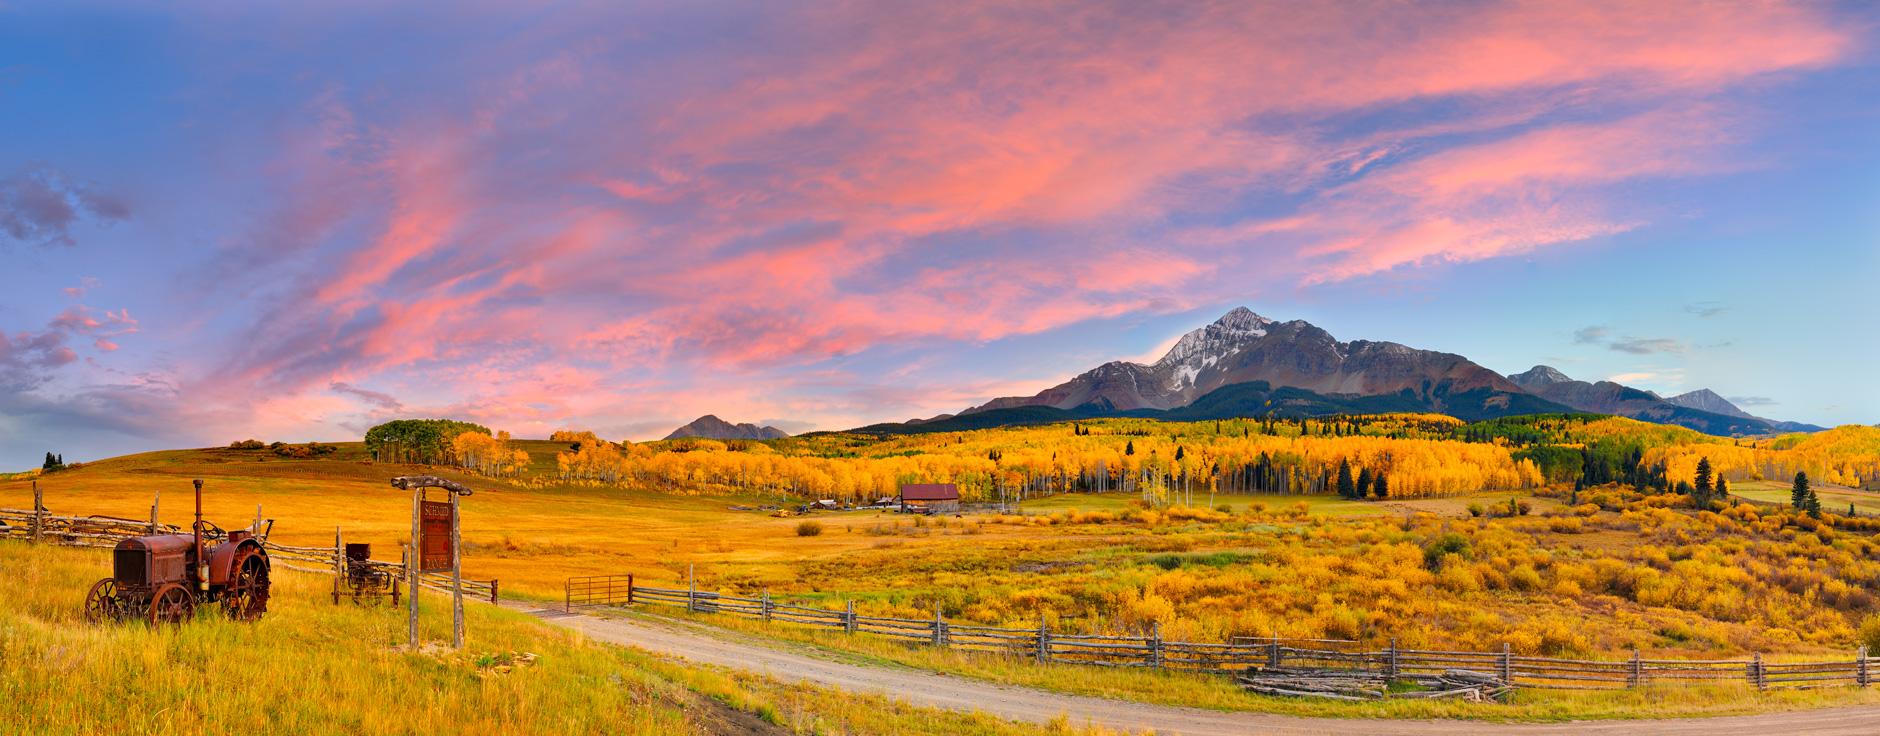 The Schmid Ranch - image via  Google .